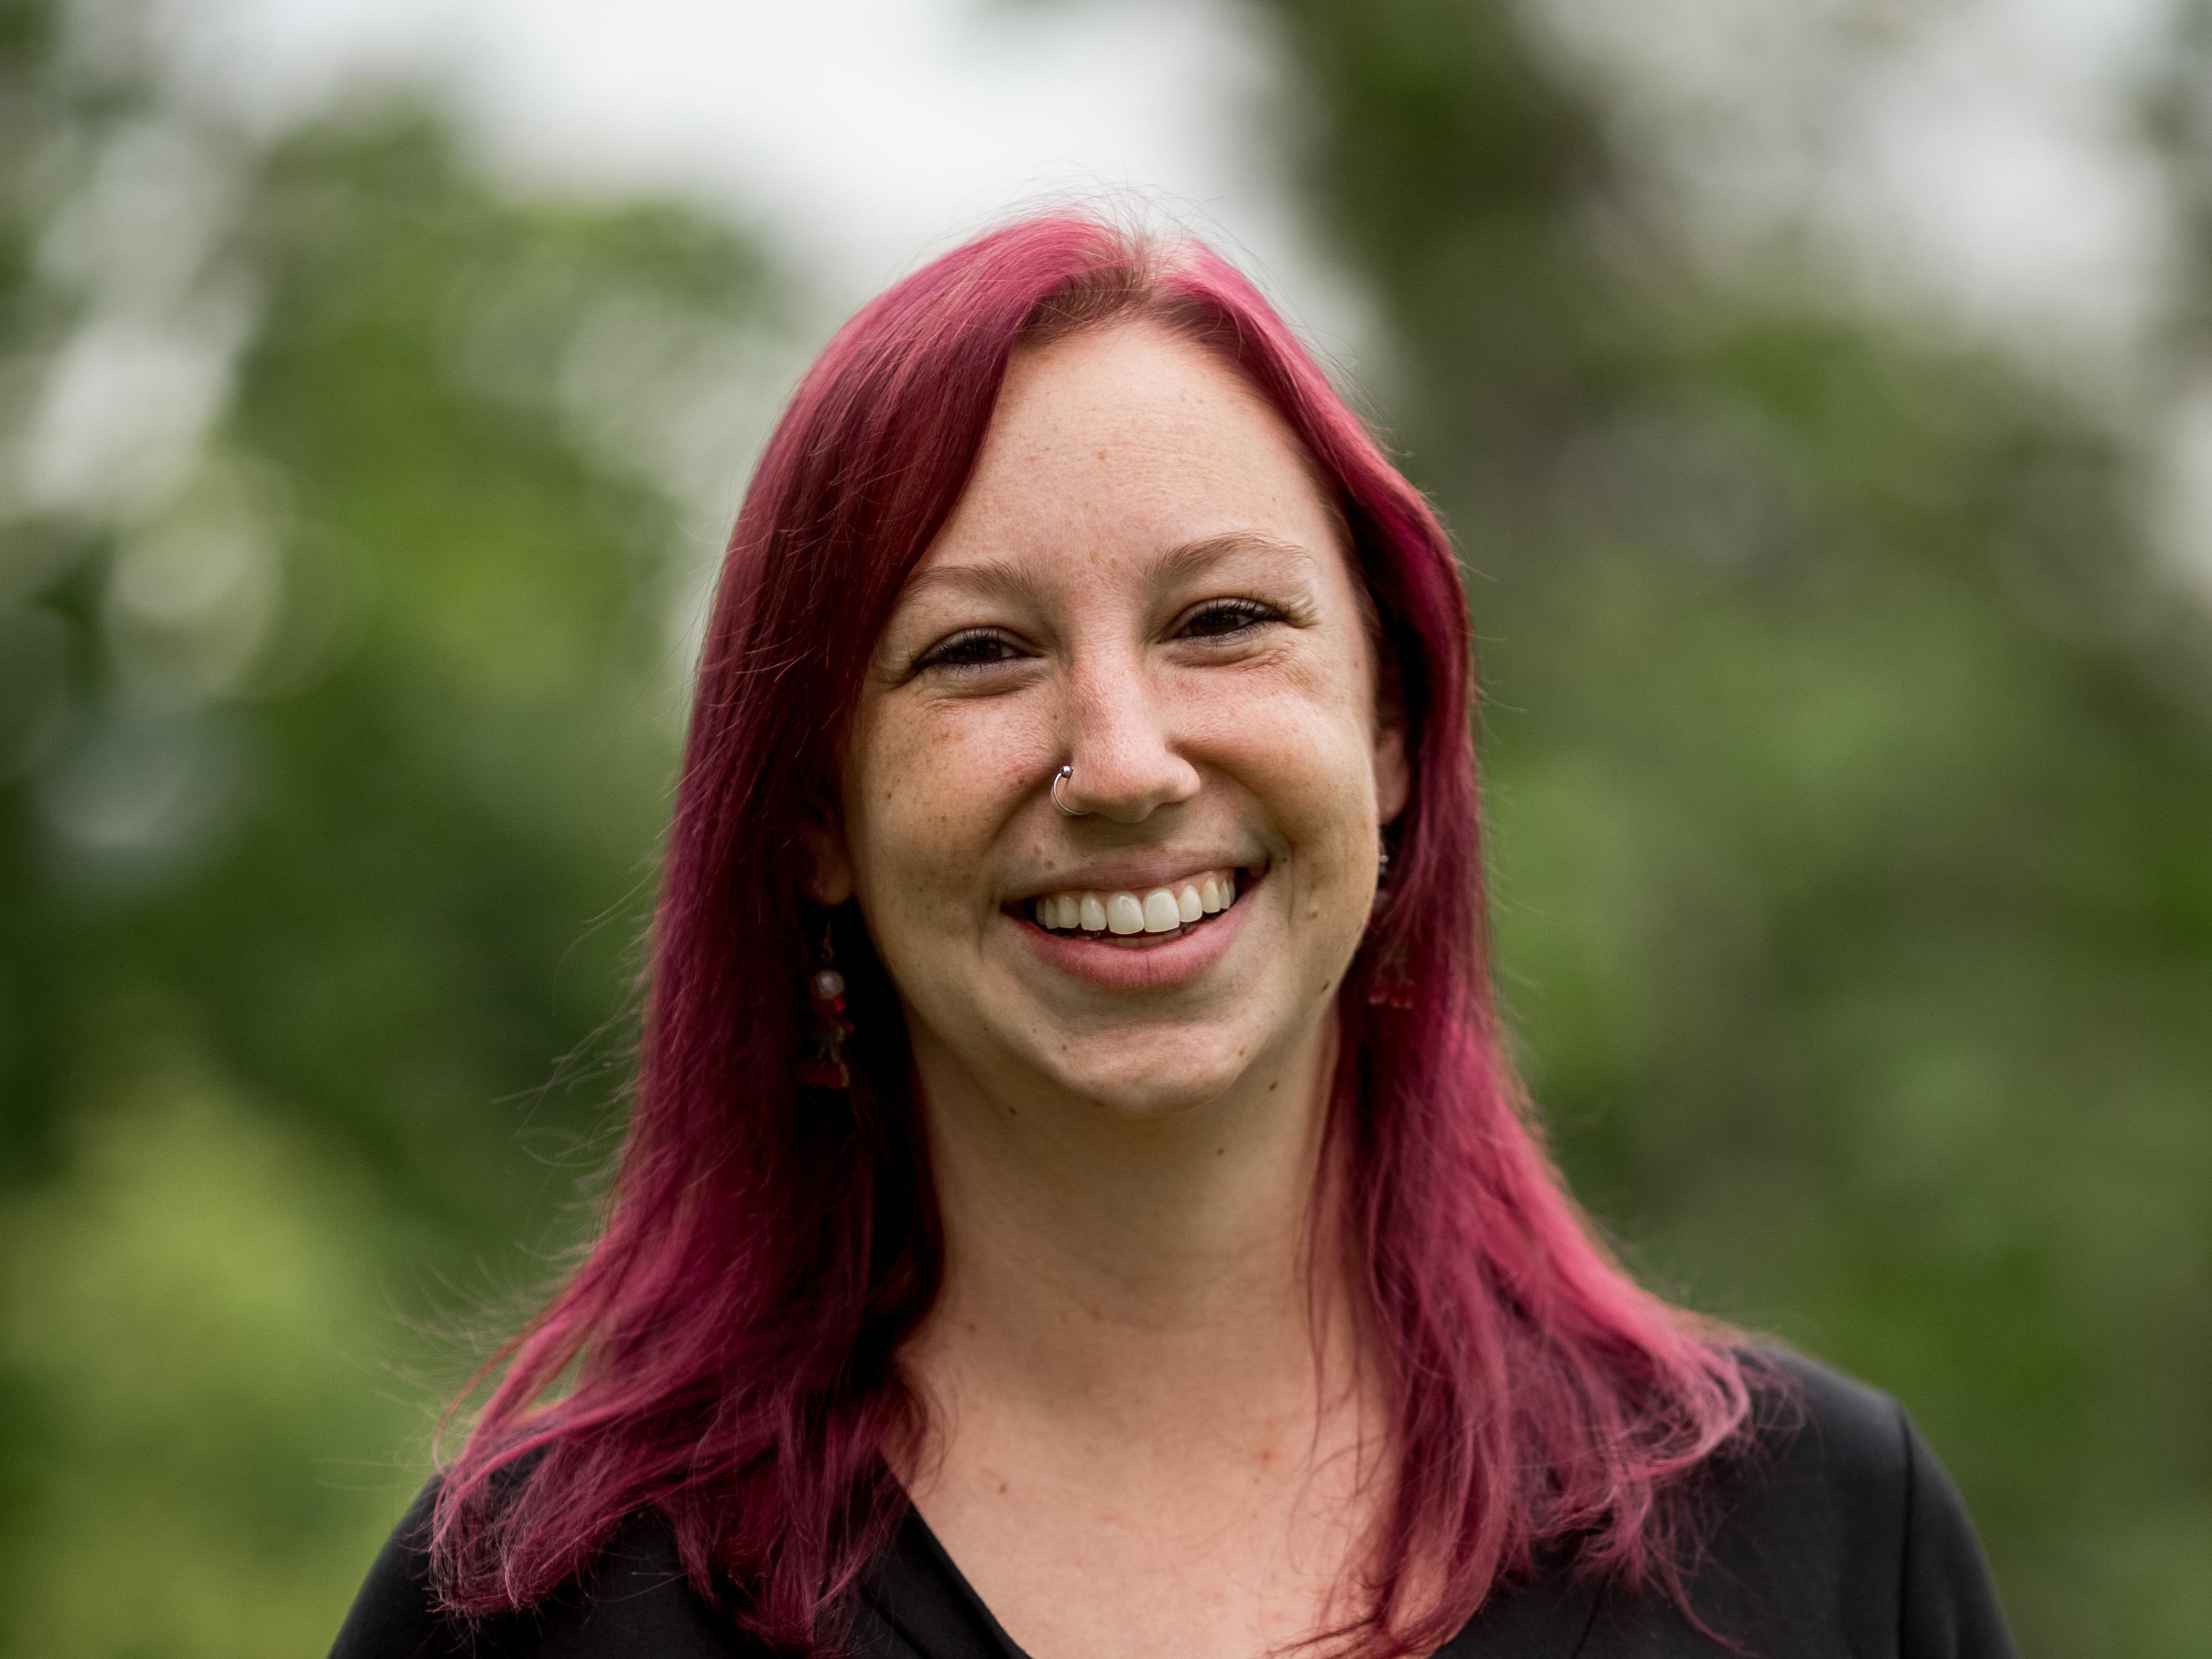 Melanie Bamert